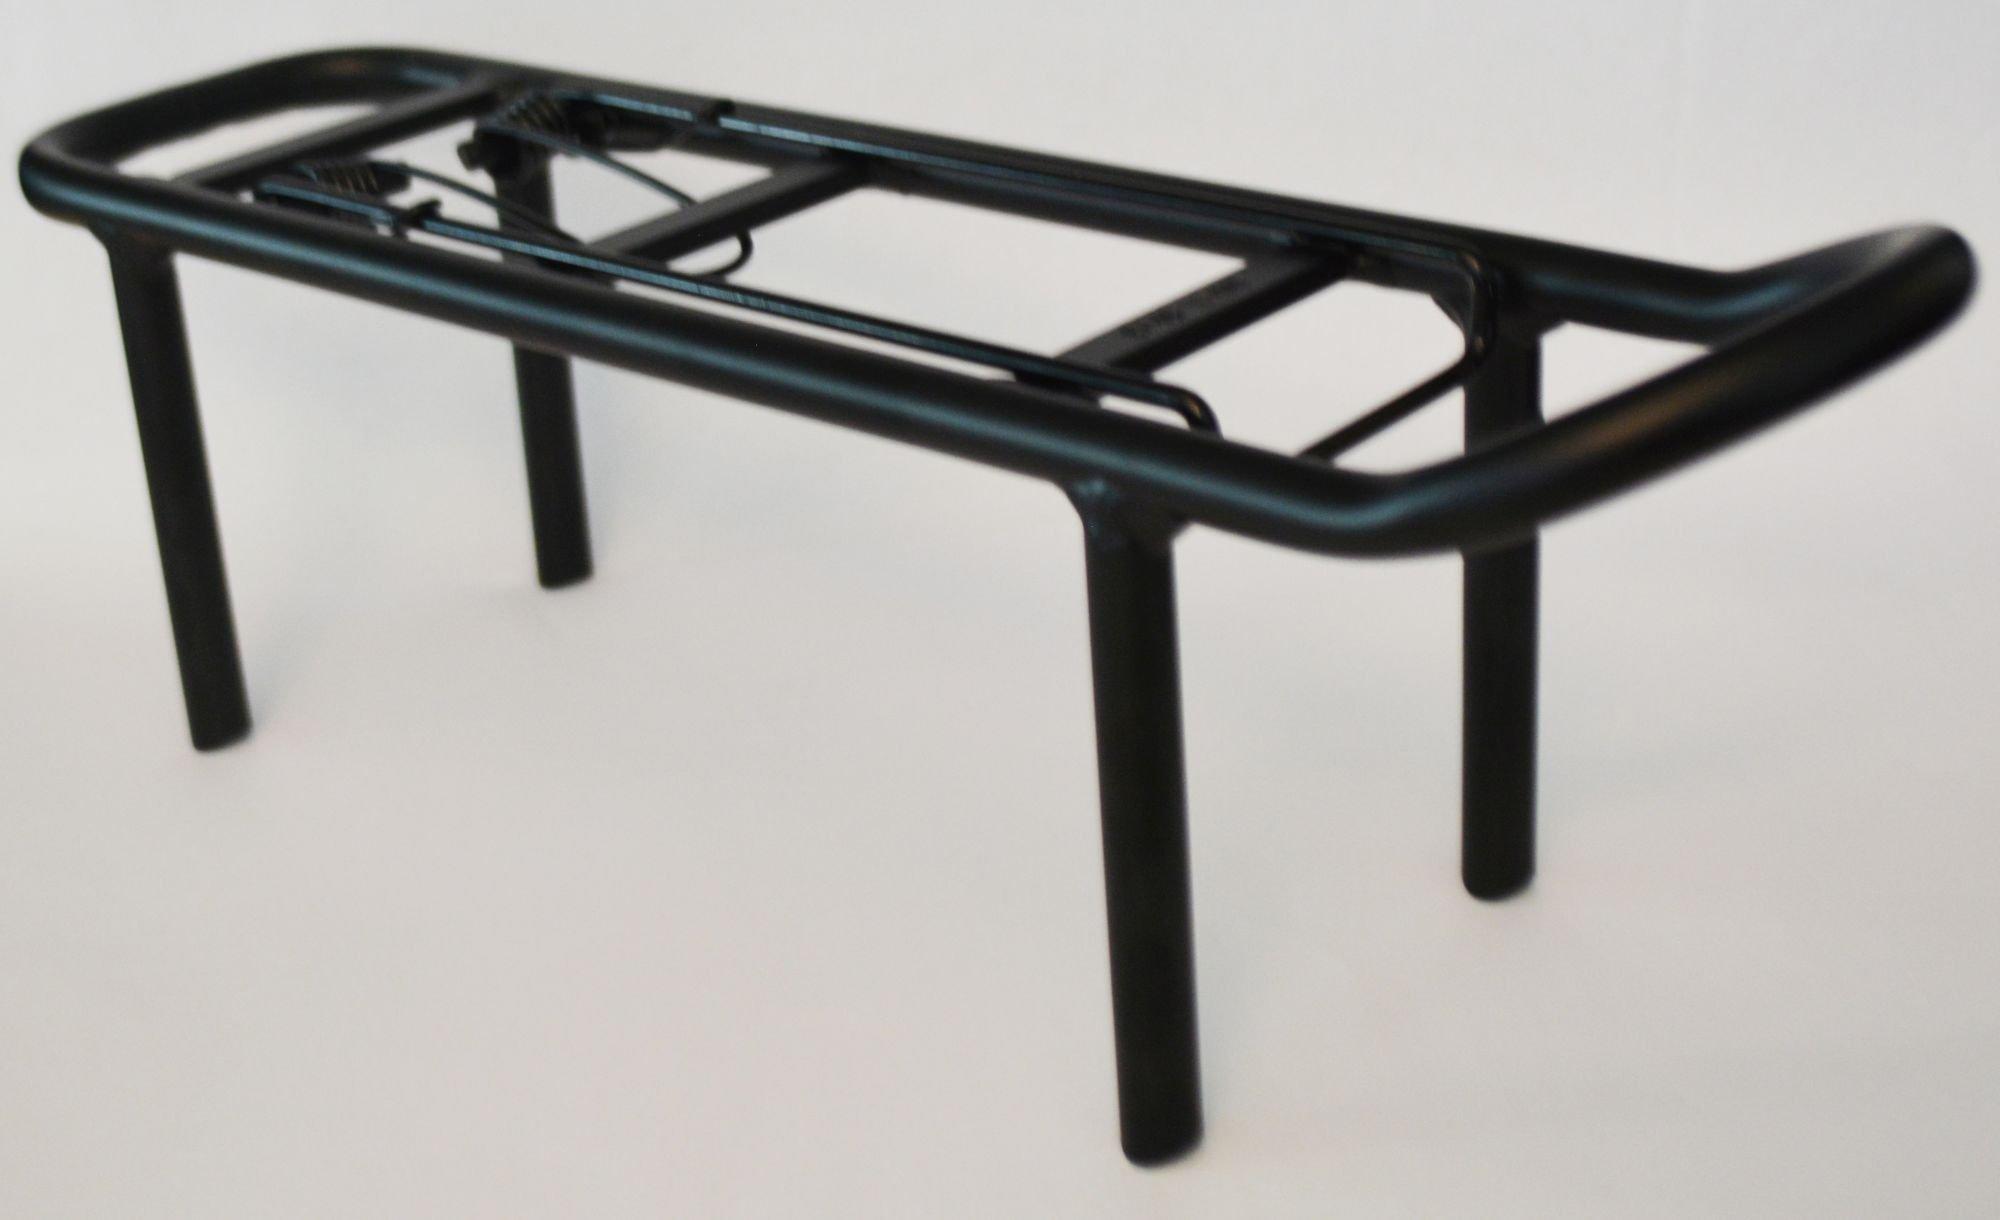 Fahrradteile/Gepäckträger: Standwell  Gepäckträgeraufsatz für Urban  Six 50